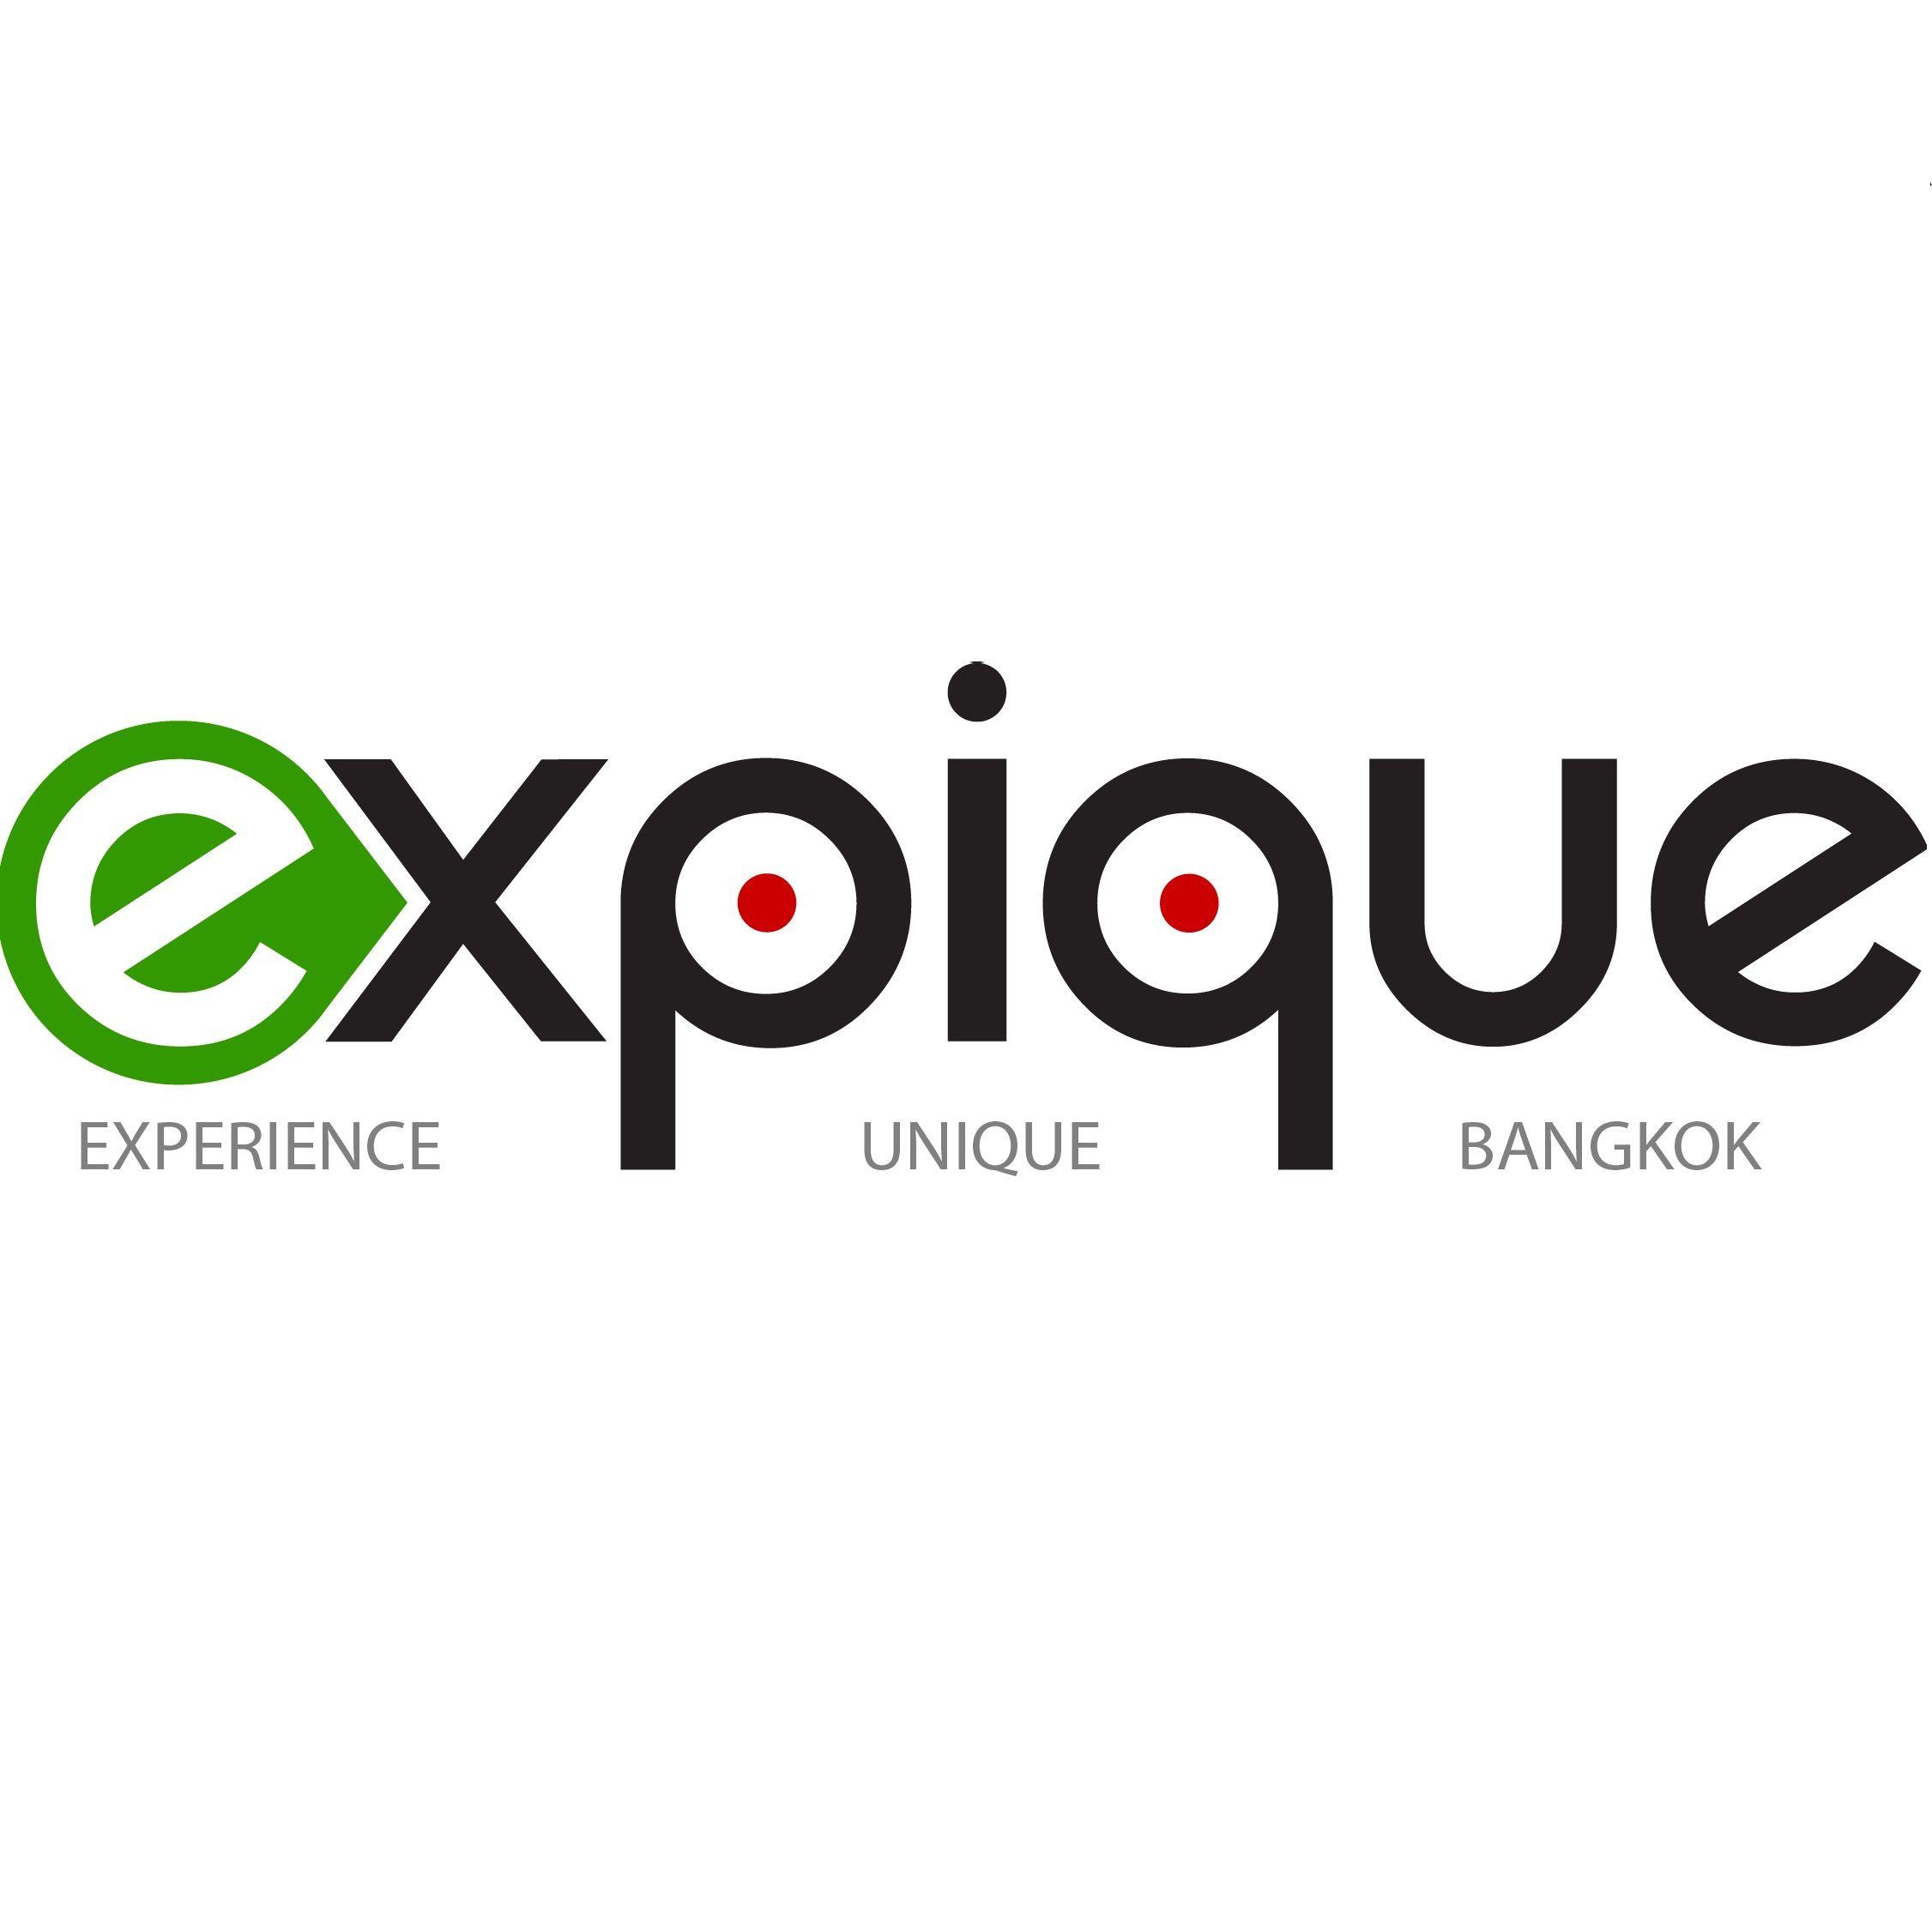 The Market Experience logo